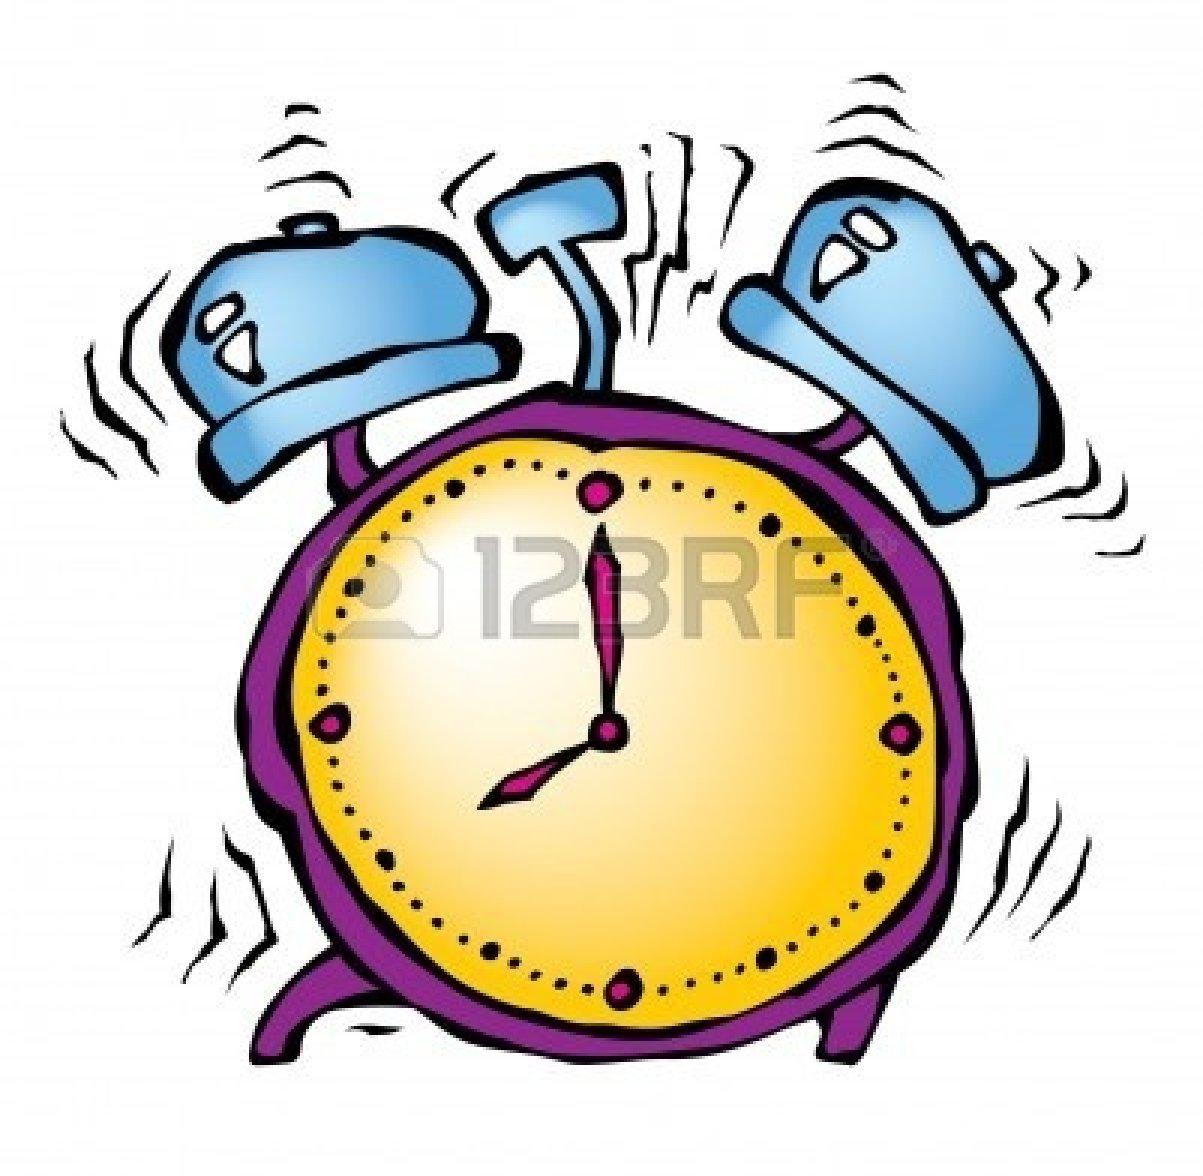 Moving clipart alarm clock Clipart Alarm Clipart digital%20alarm%20clock%20clipart Ringing